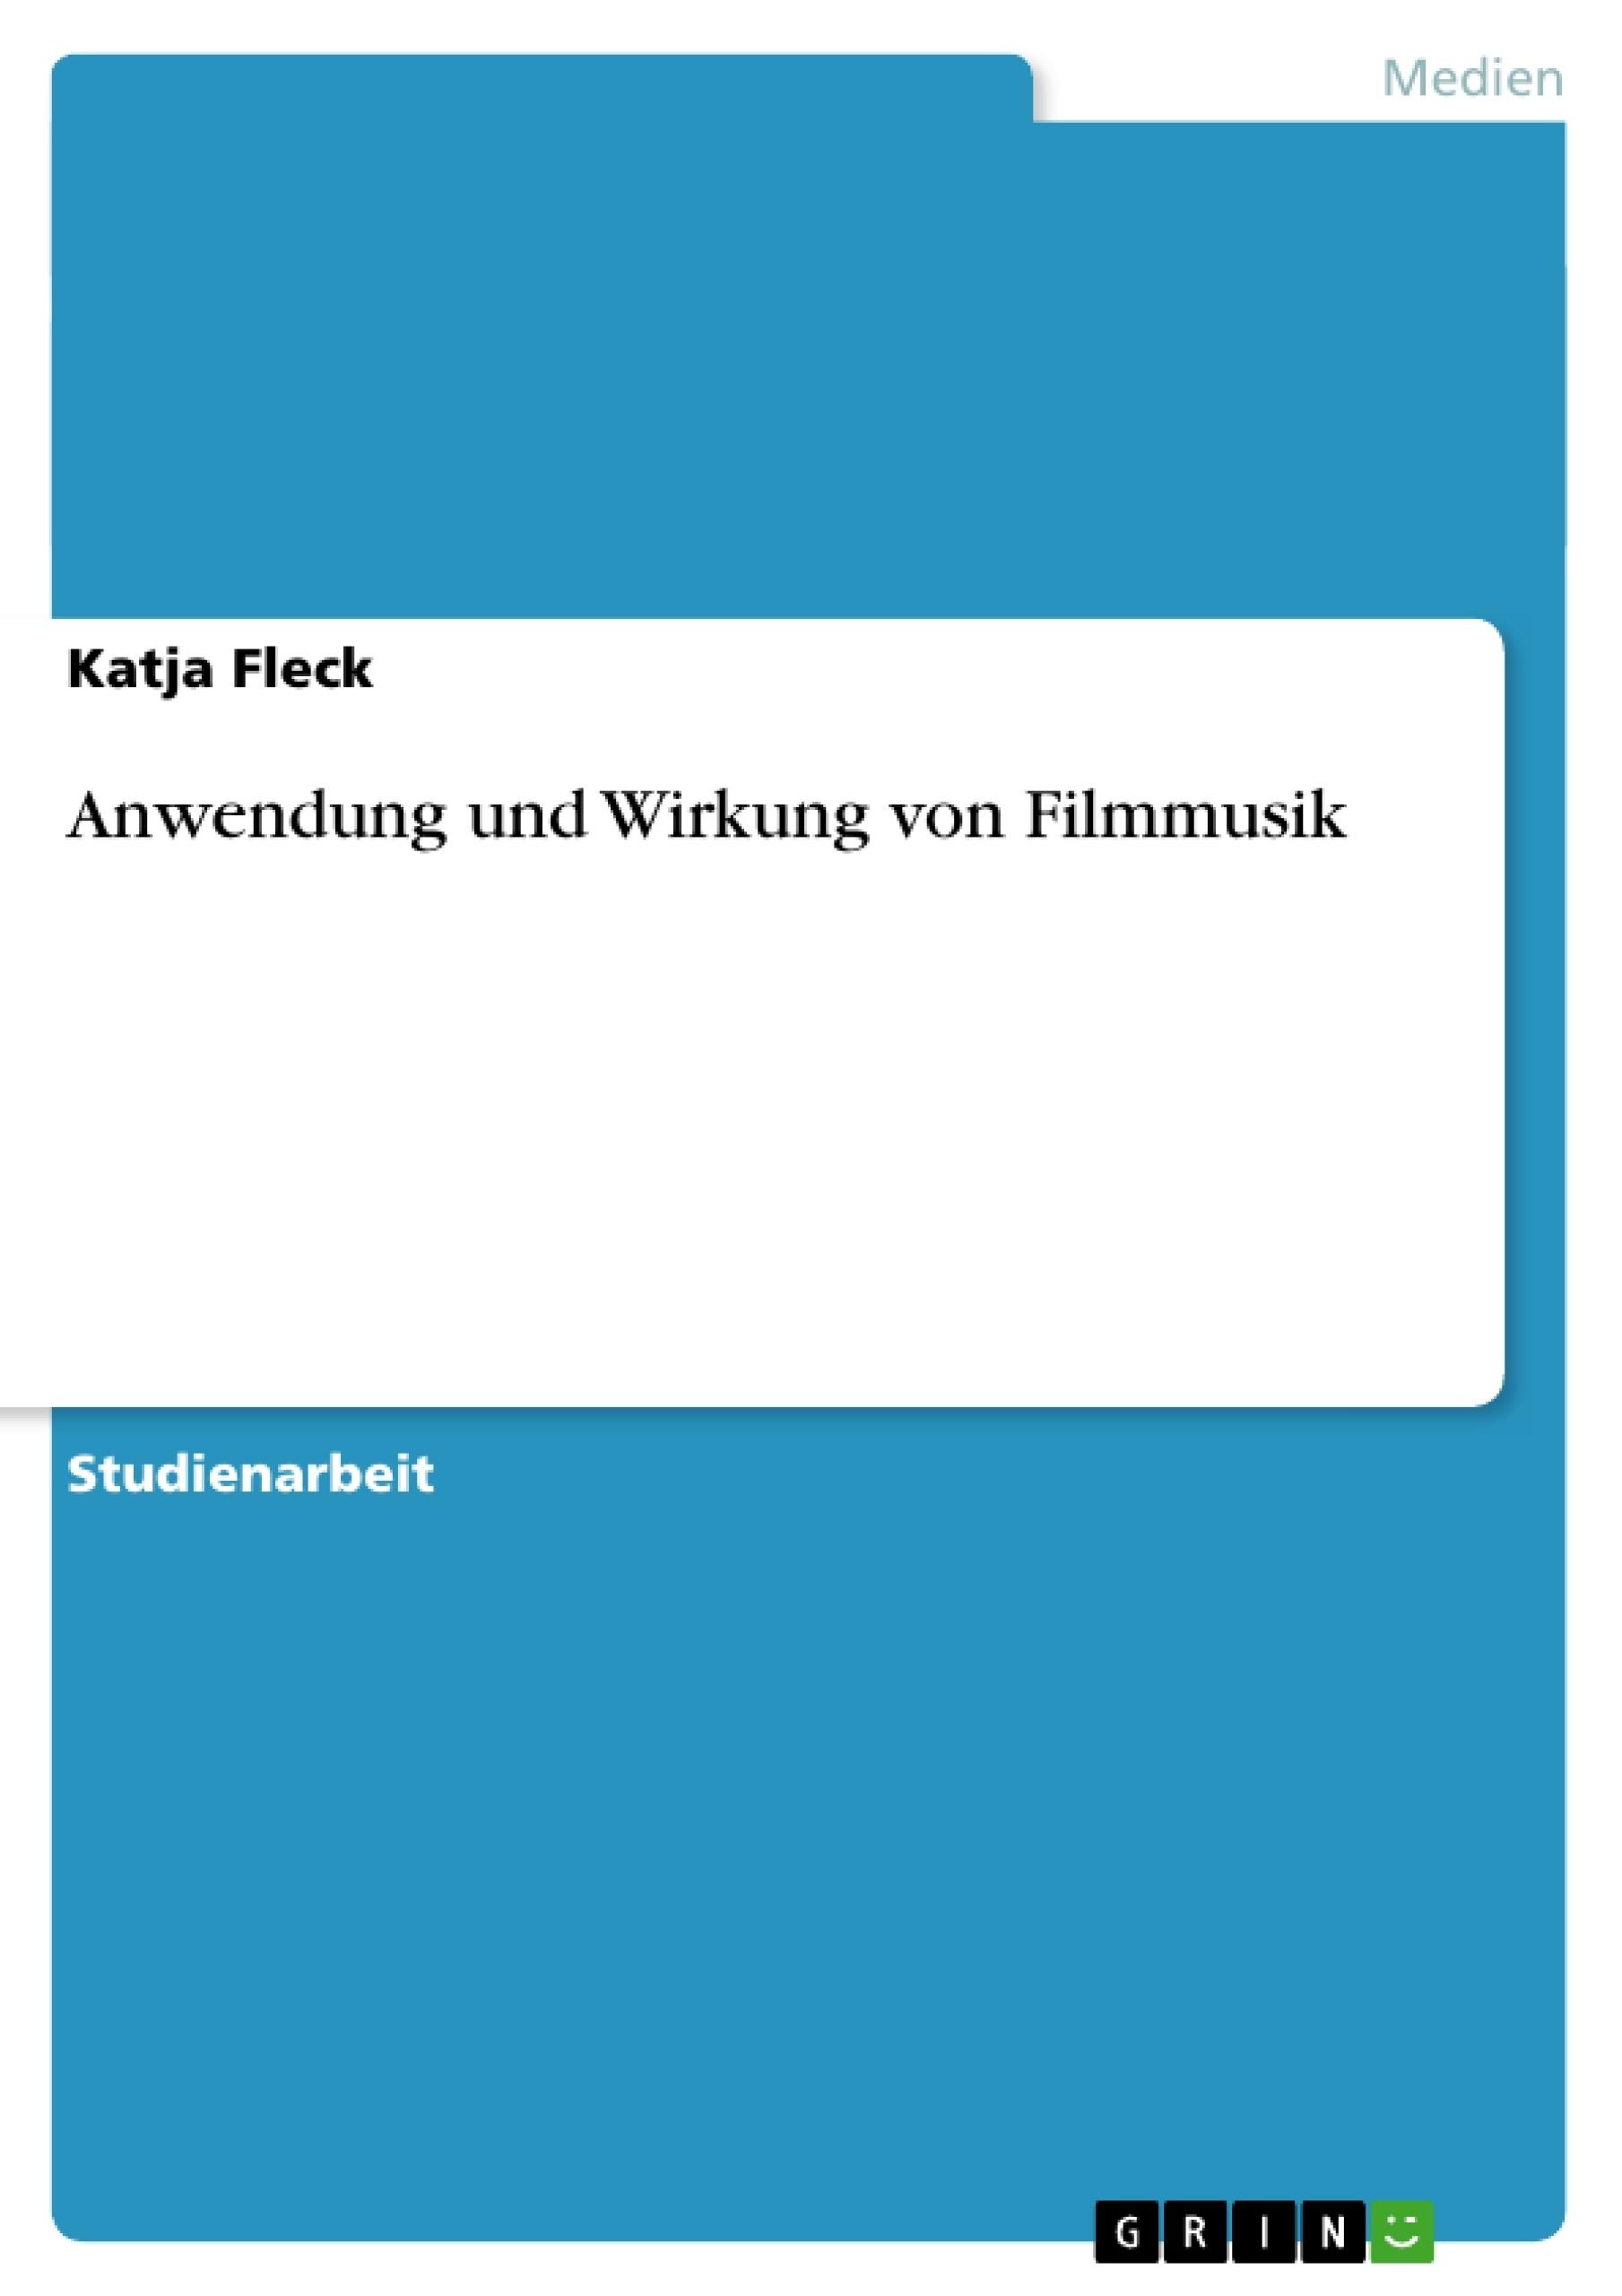 Titel: Anwendung und Wirkung von Filmmusik